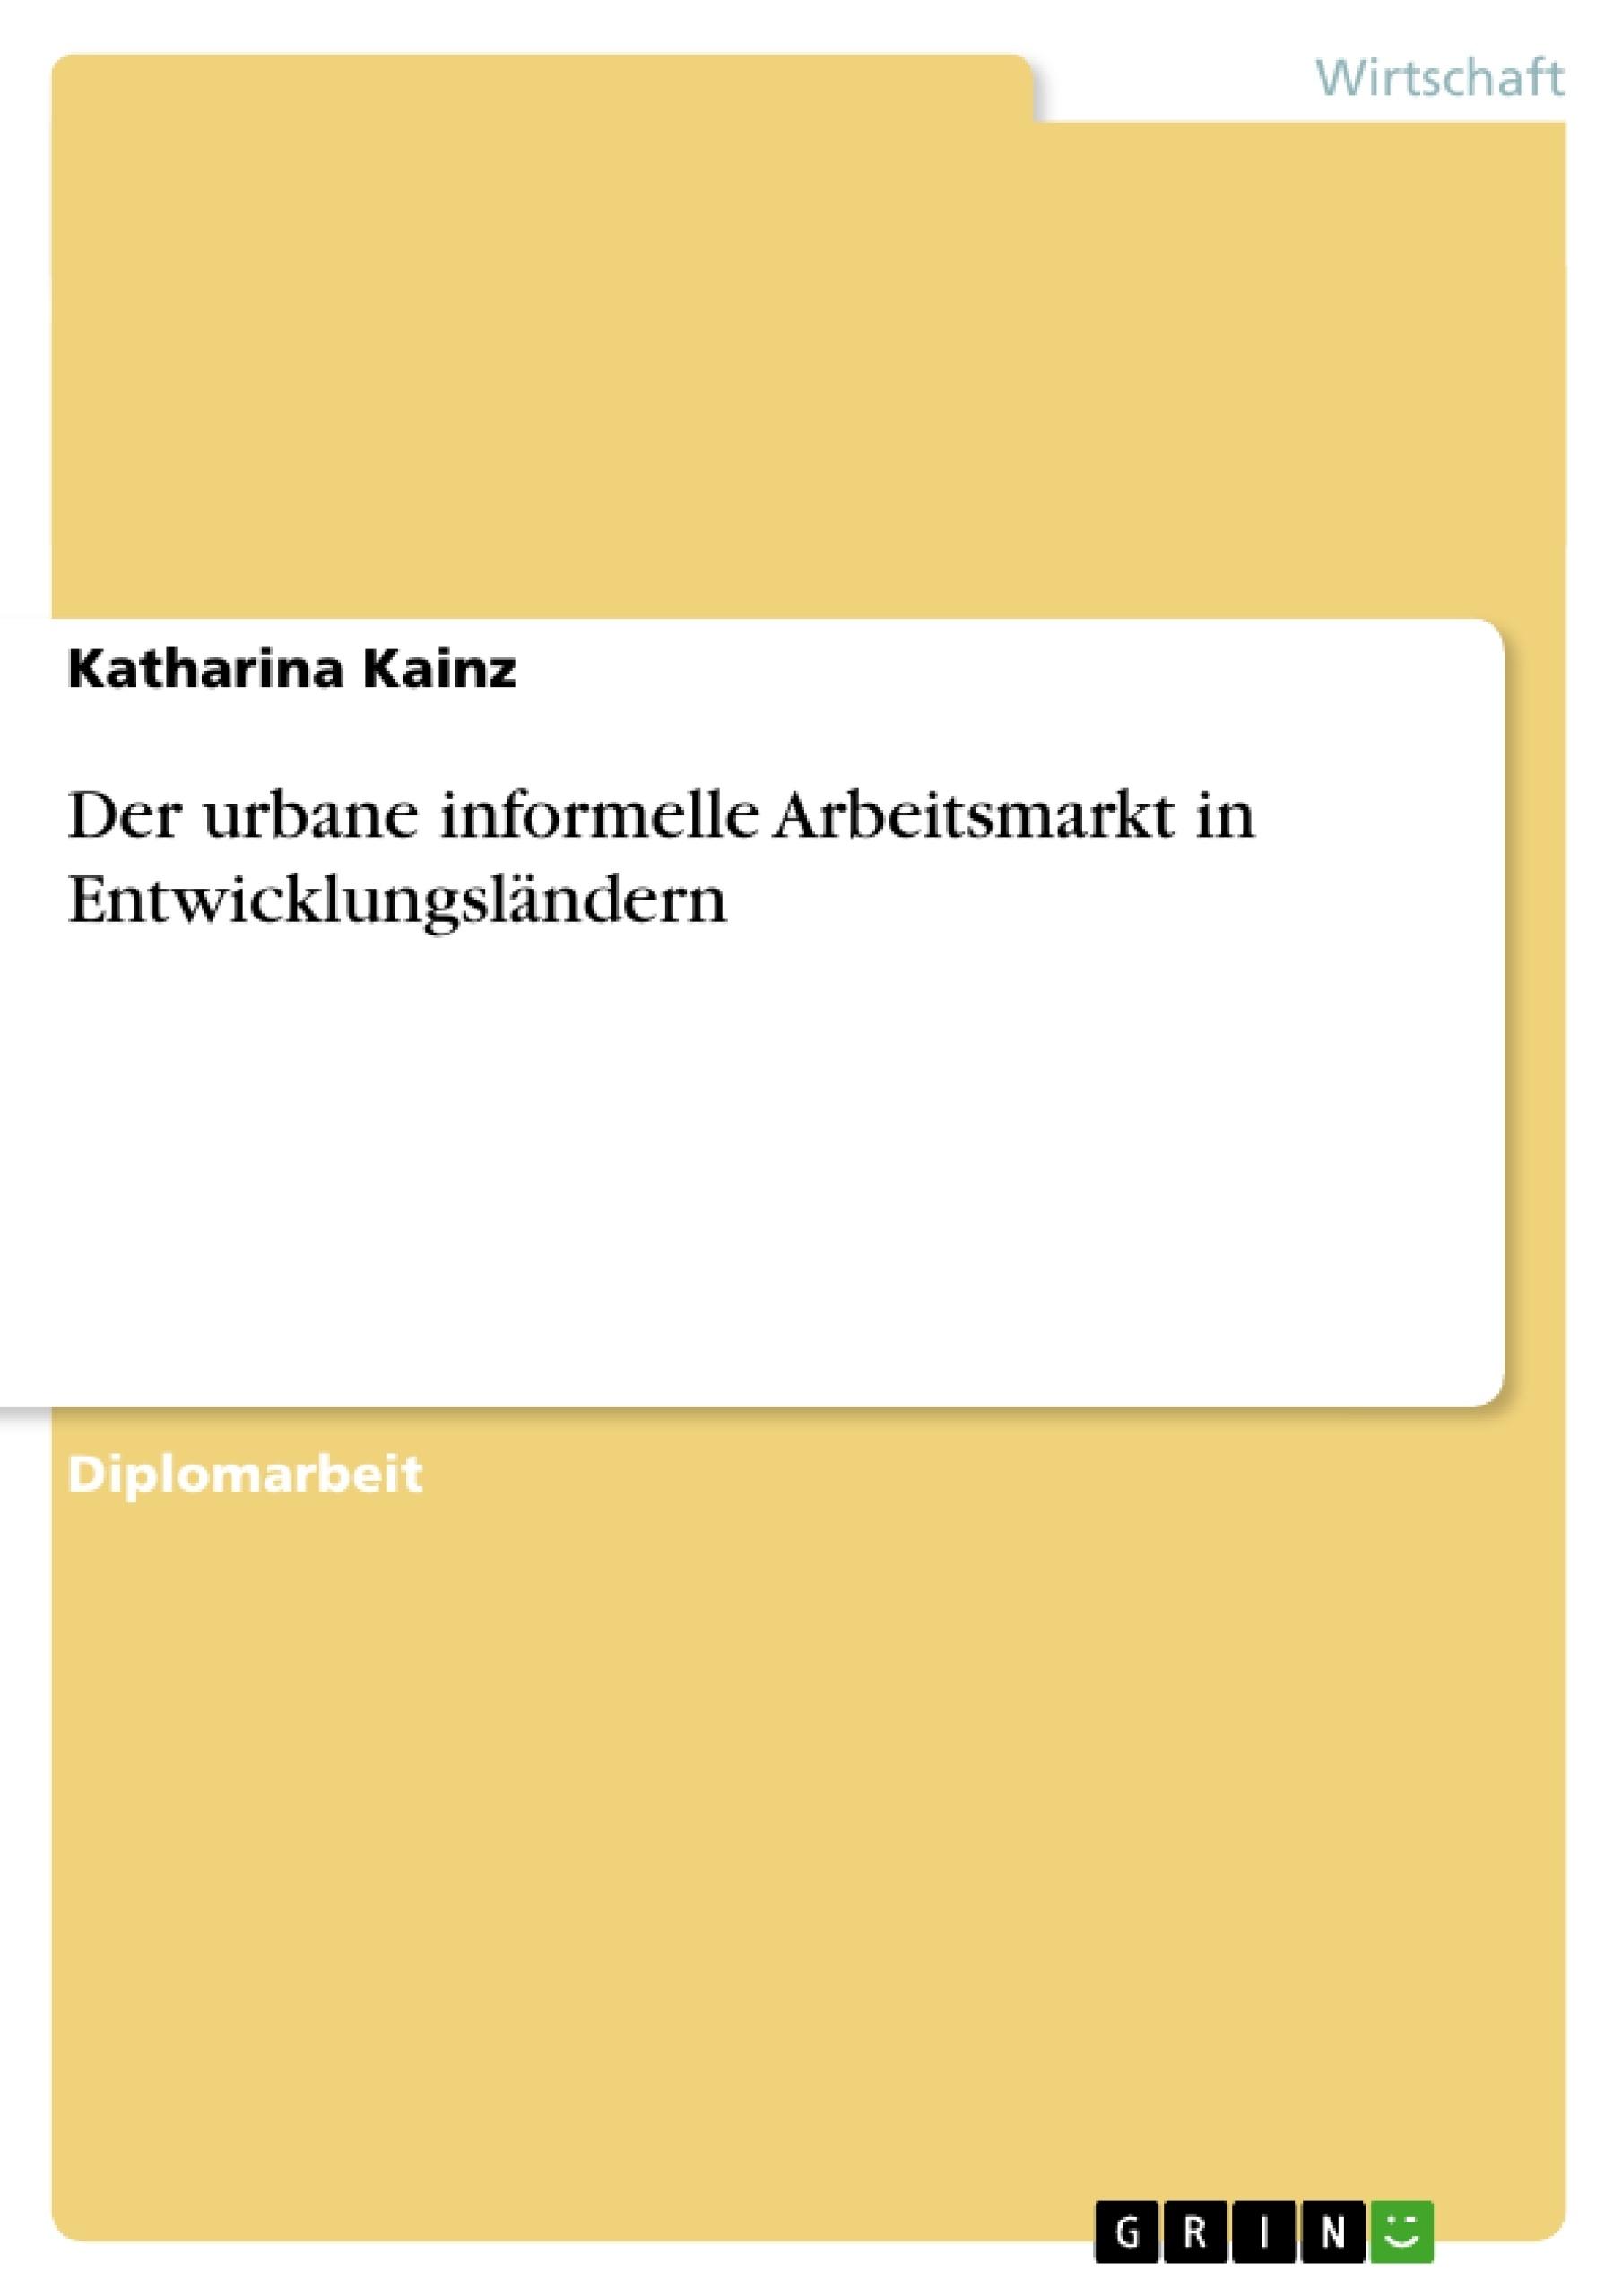 Titel: Der urbane informelle Arbeitsmarkt in Entwicklungsländern